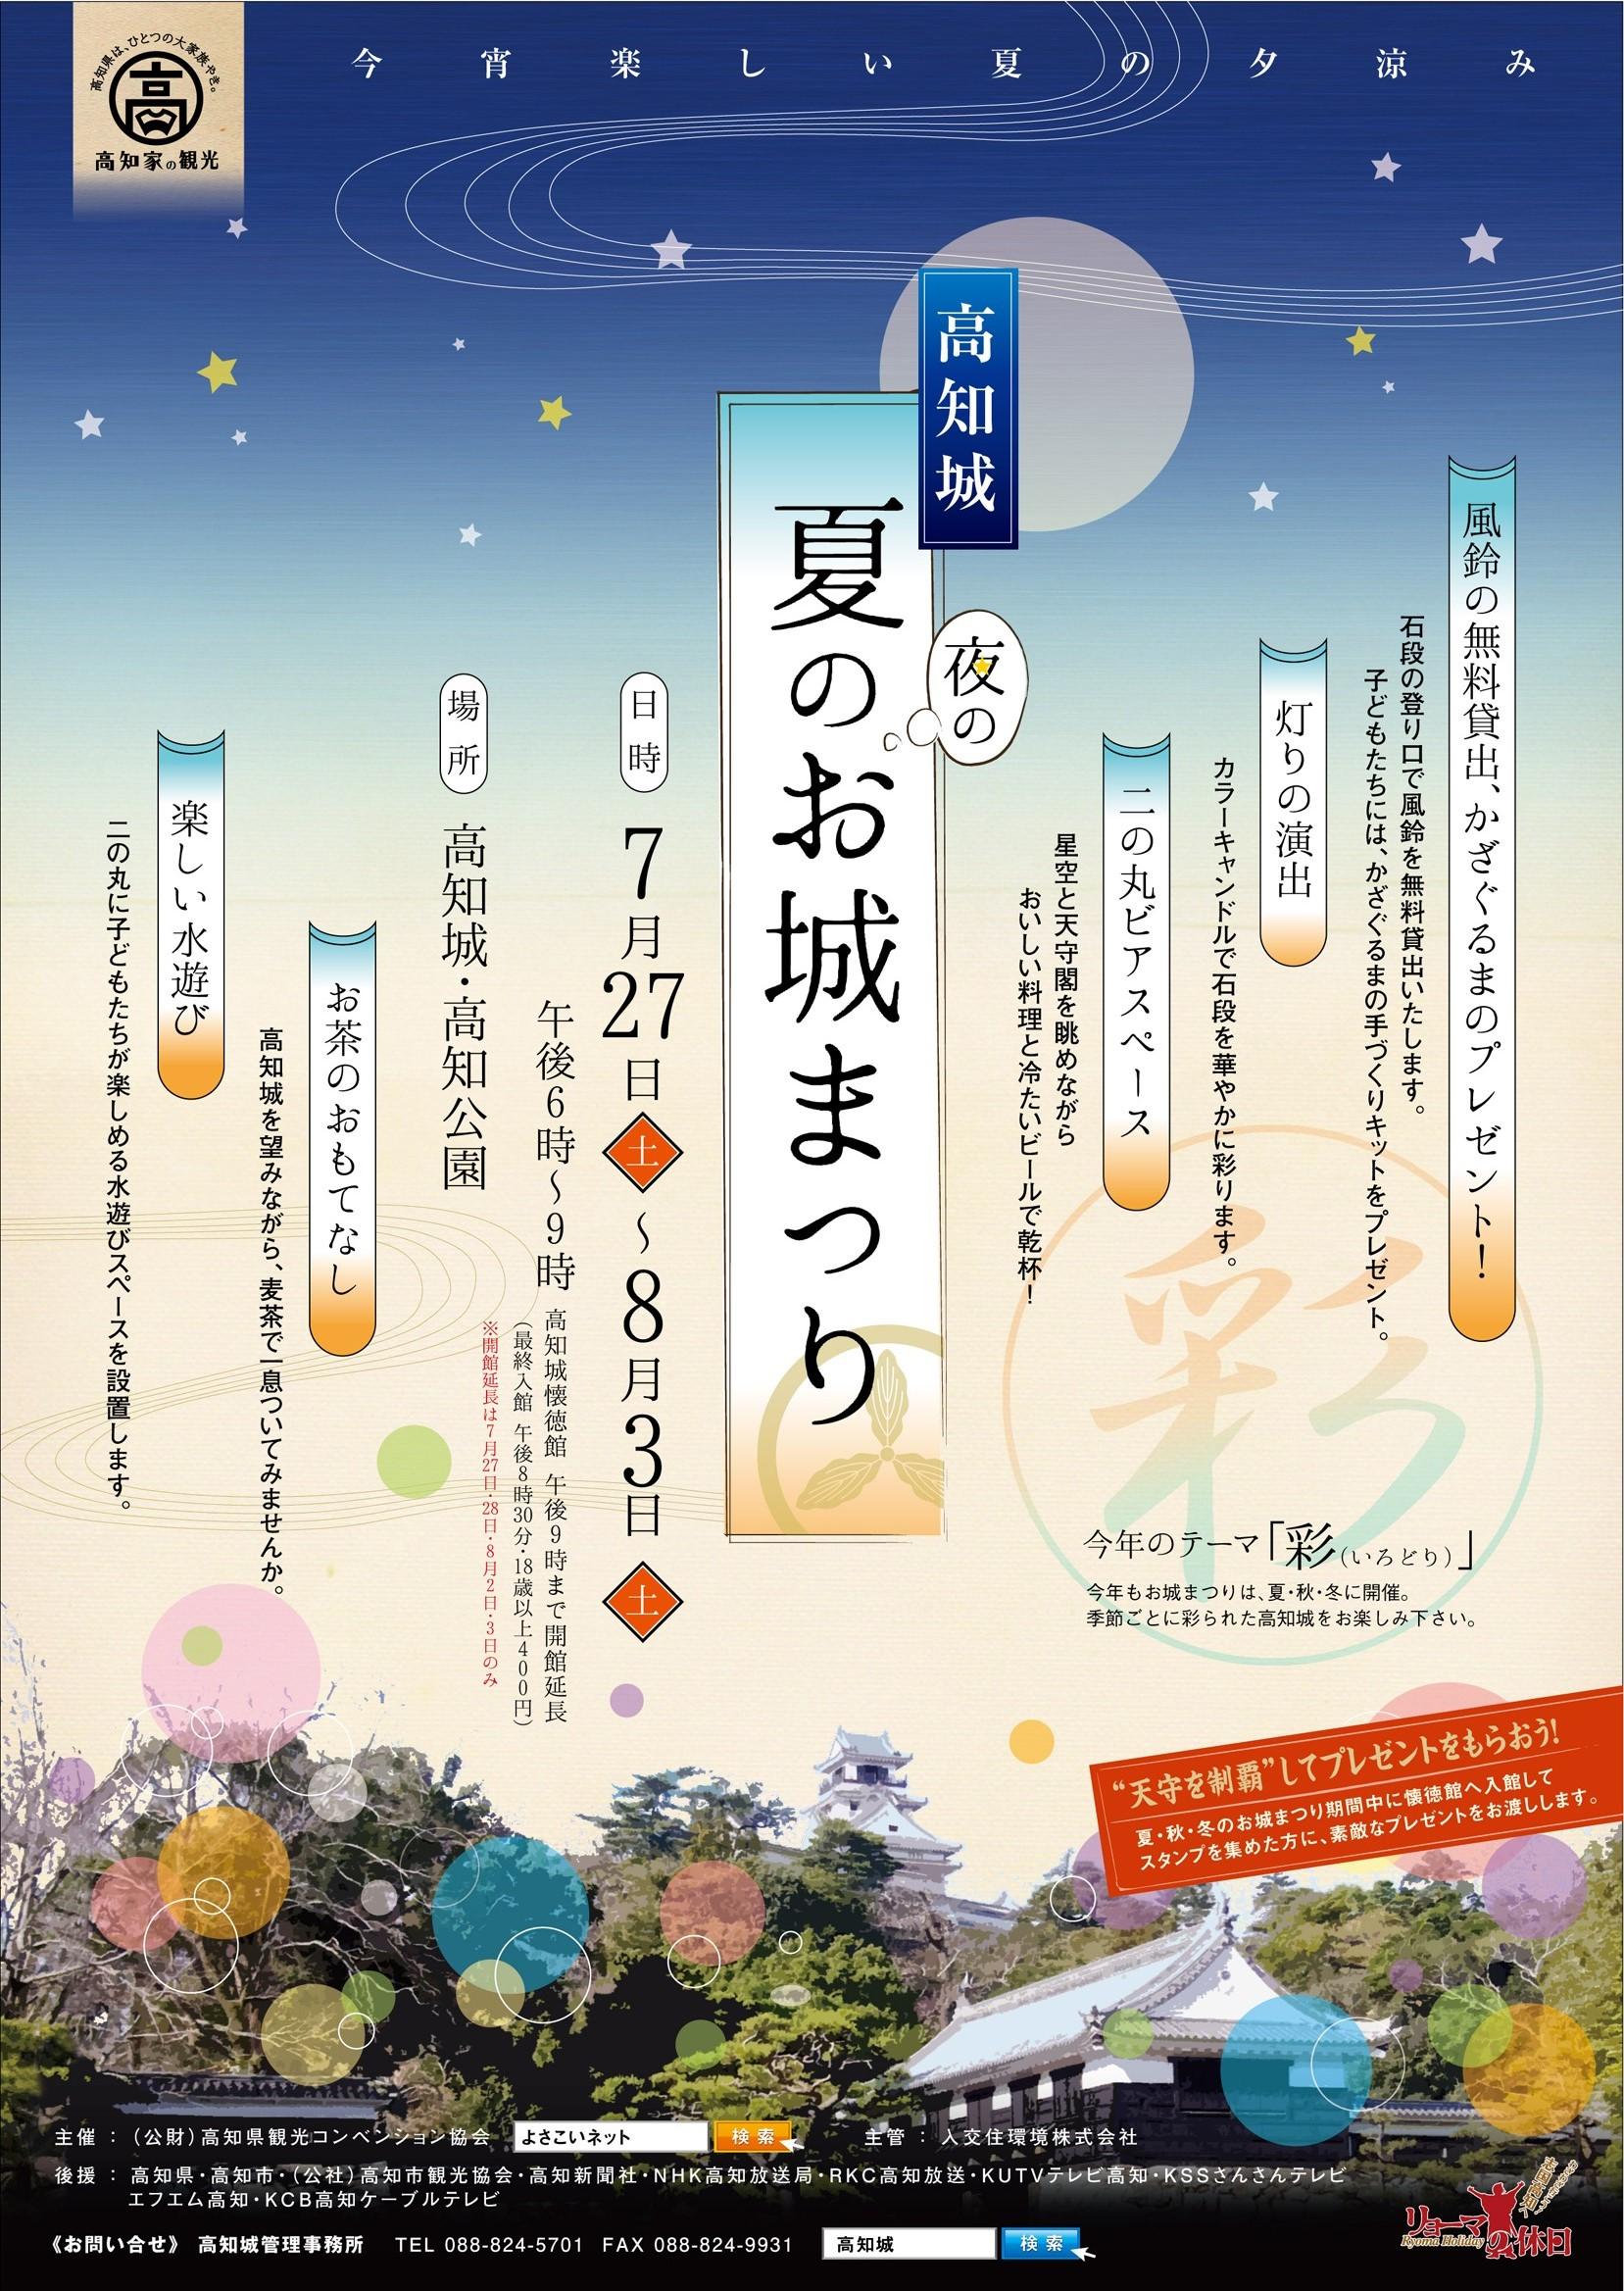 高知城夏のお城祭り